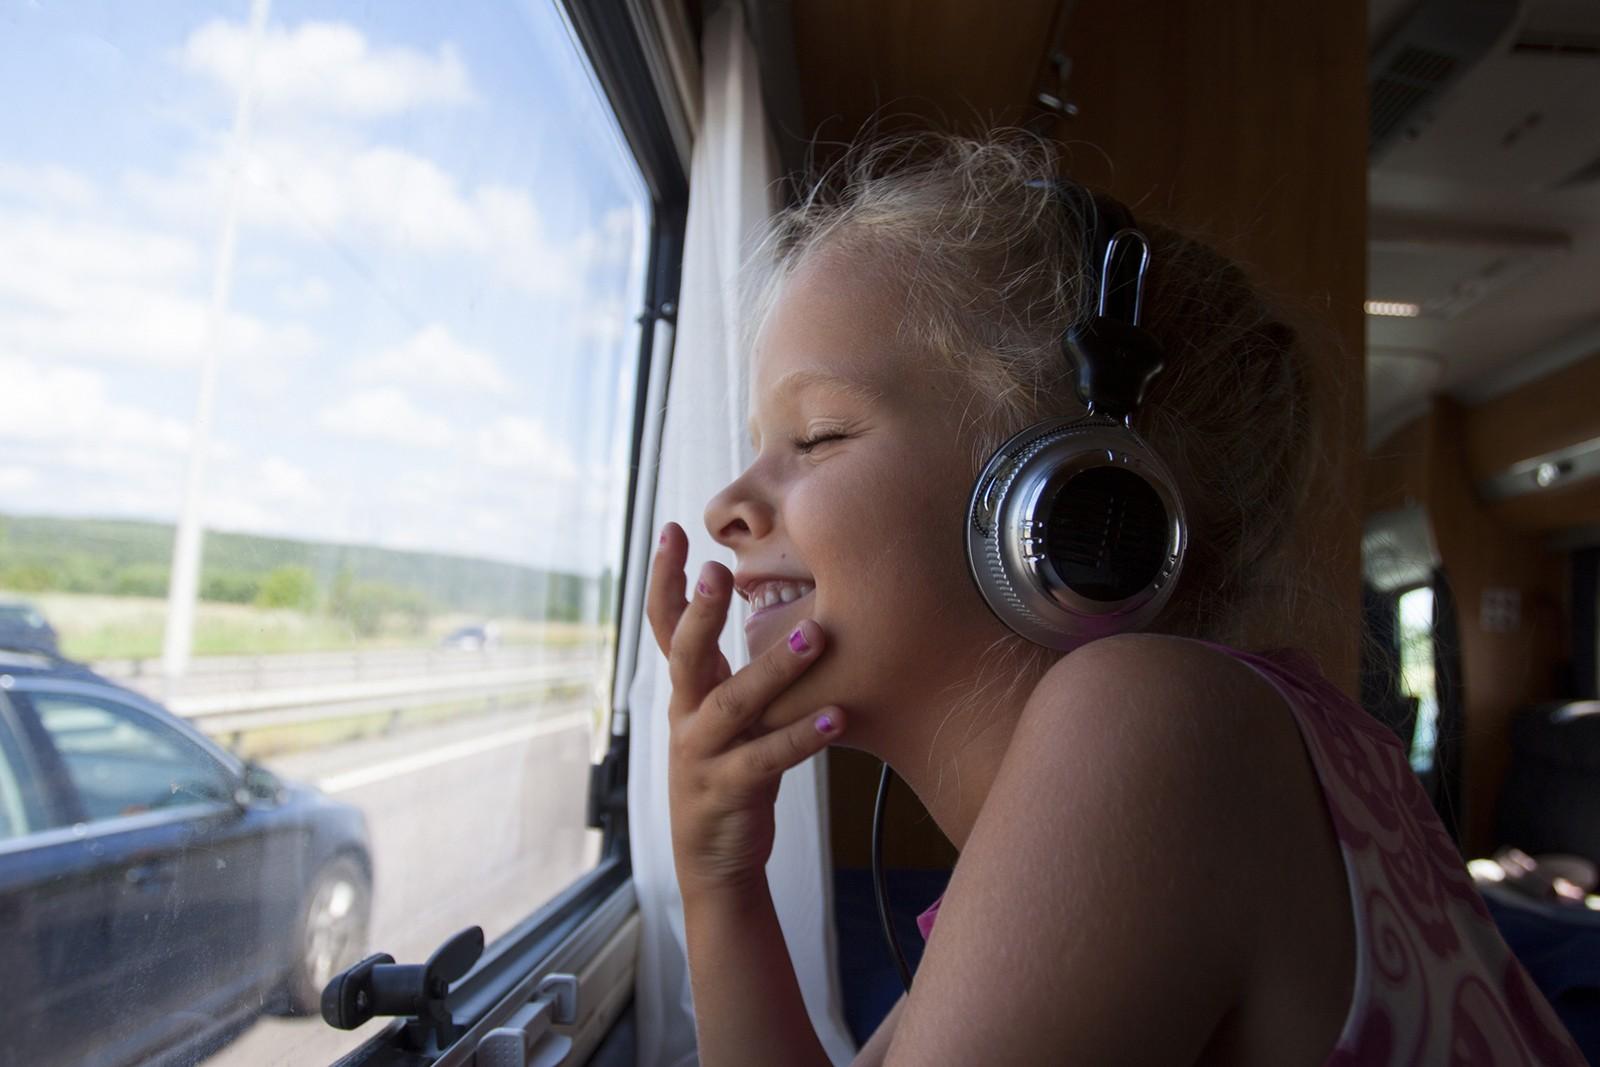 Лето в автодоме: на фоне роста внутреннего туризма в России в 1,5 раза вырос спрос на дома на колесах, сообщают эксперты Авито Авто